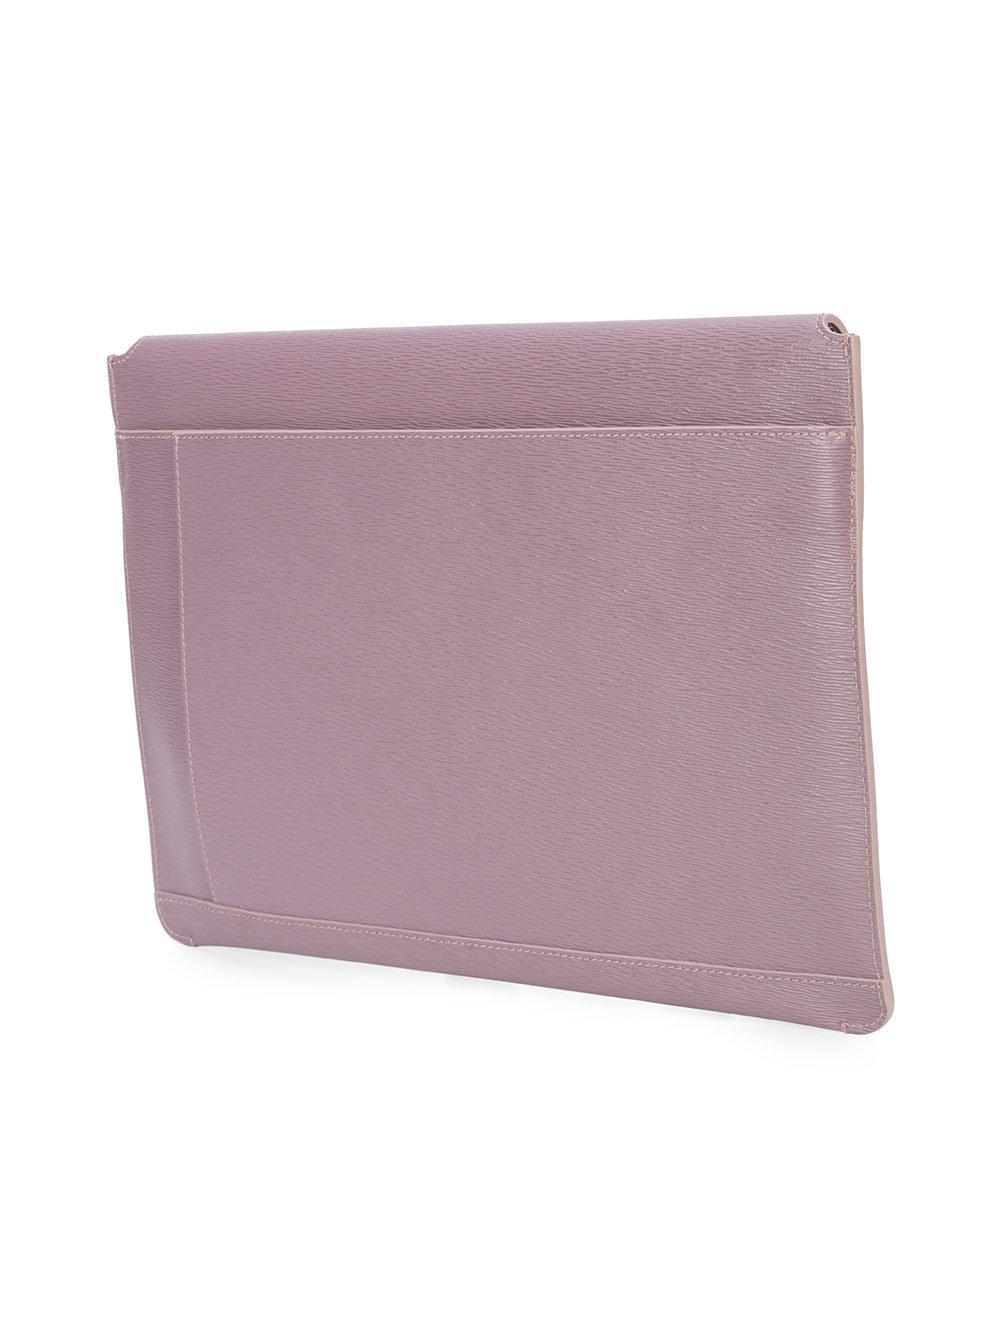 Embrayage Enveloppe - Rose Et Violet Senreve KrNZBtD